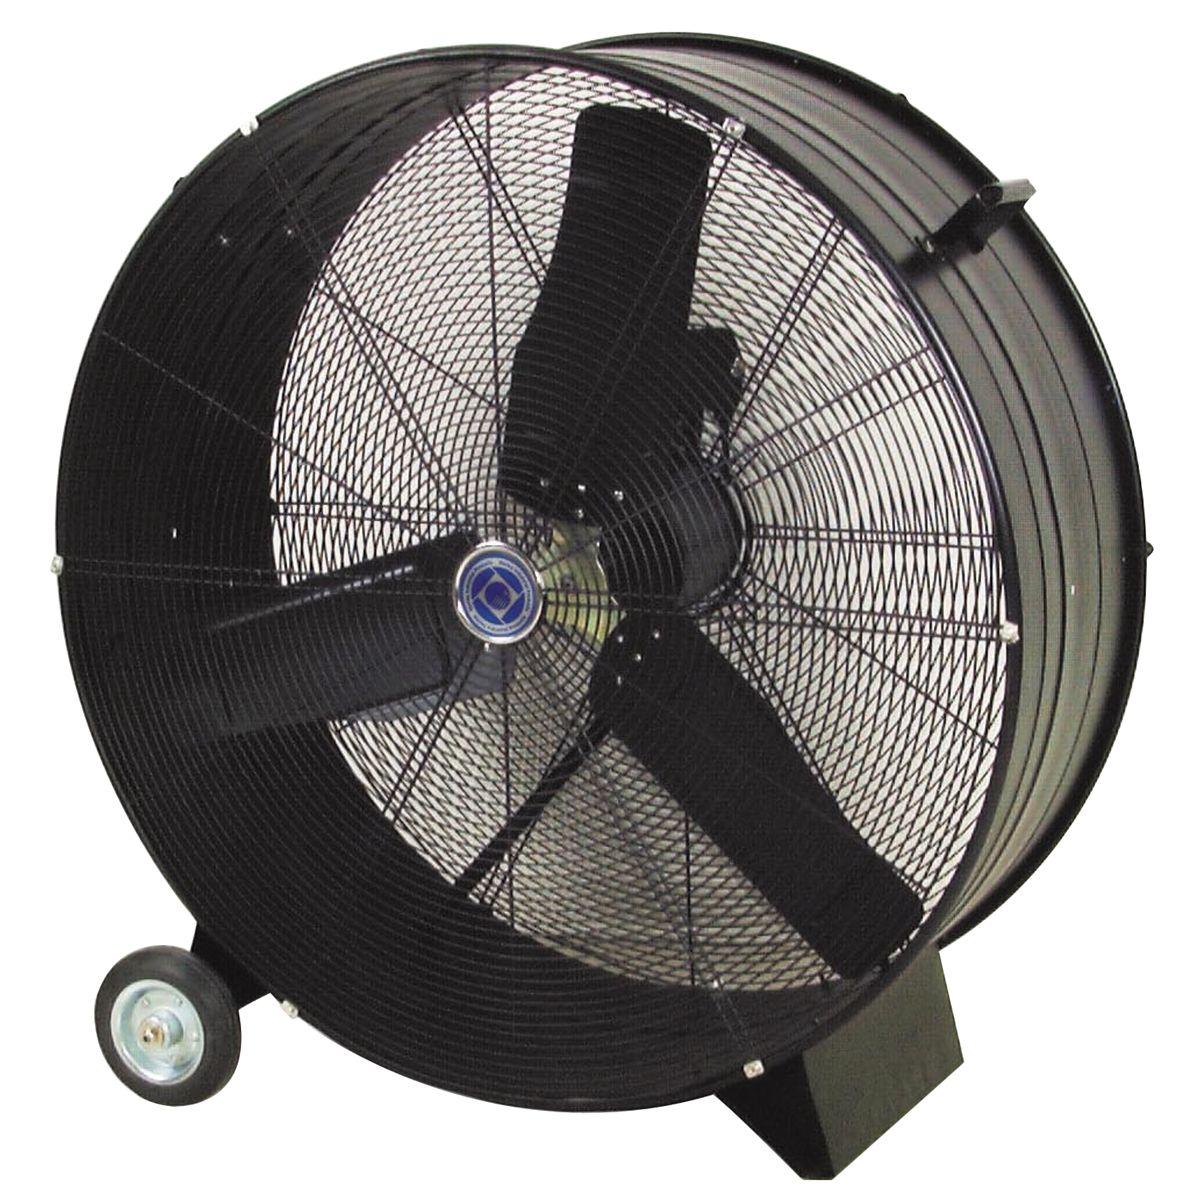 Direct Drive Fans : Fasco mvb d direct drive portable fan blower fasmvb